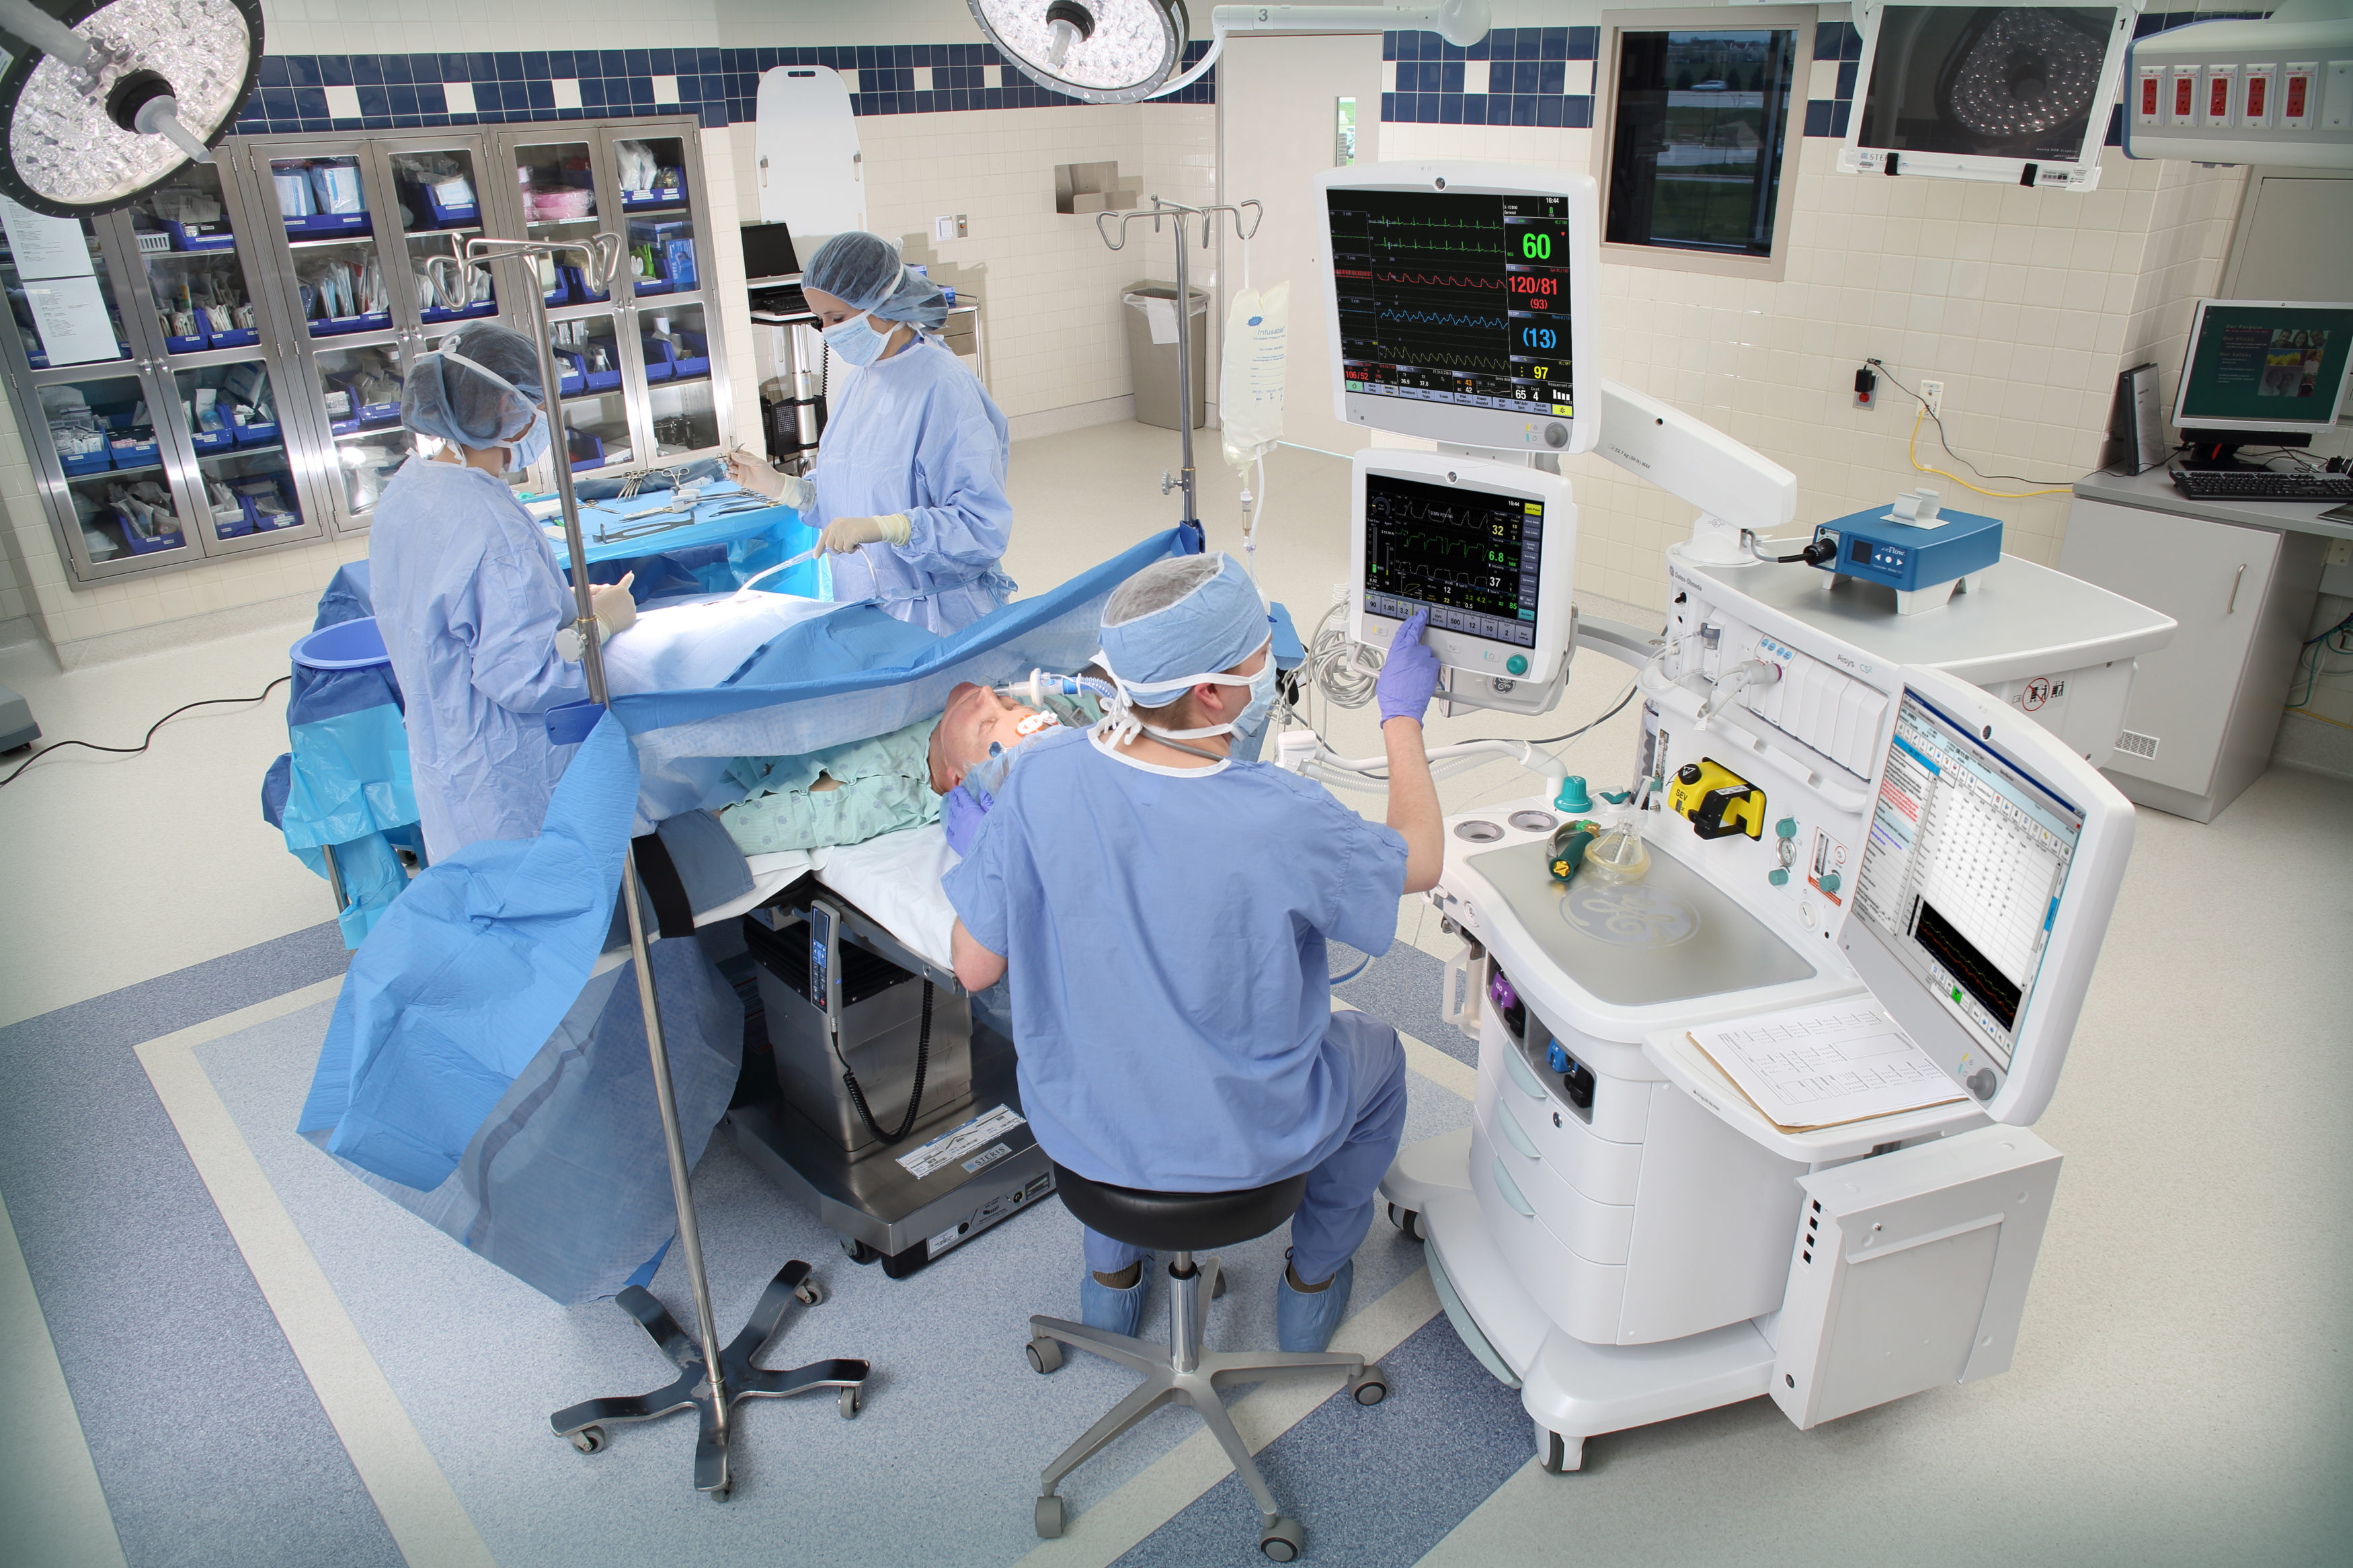 Anesthesia_Aisys-CS21-3500x2333.jpg